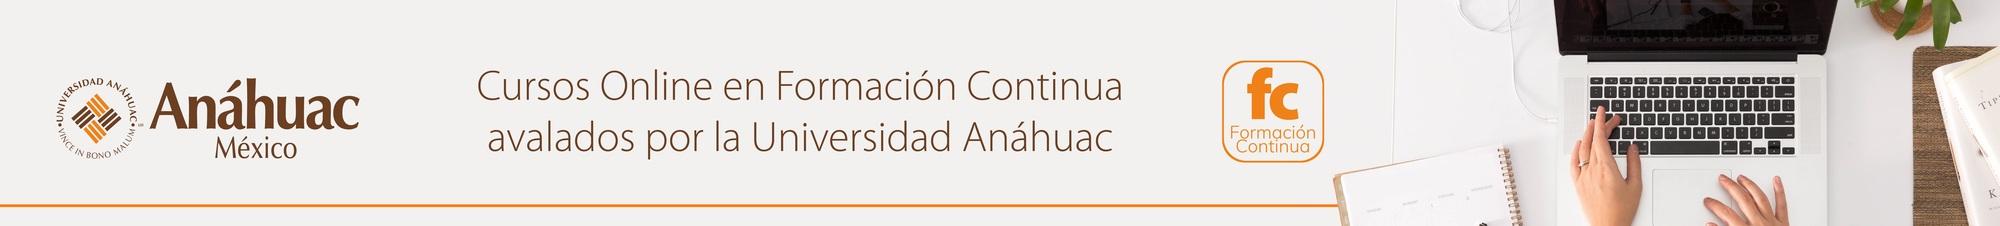 cursos-formacion-continua-anahuac